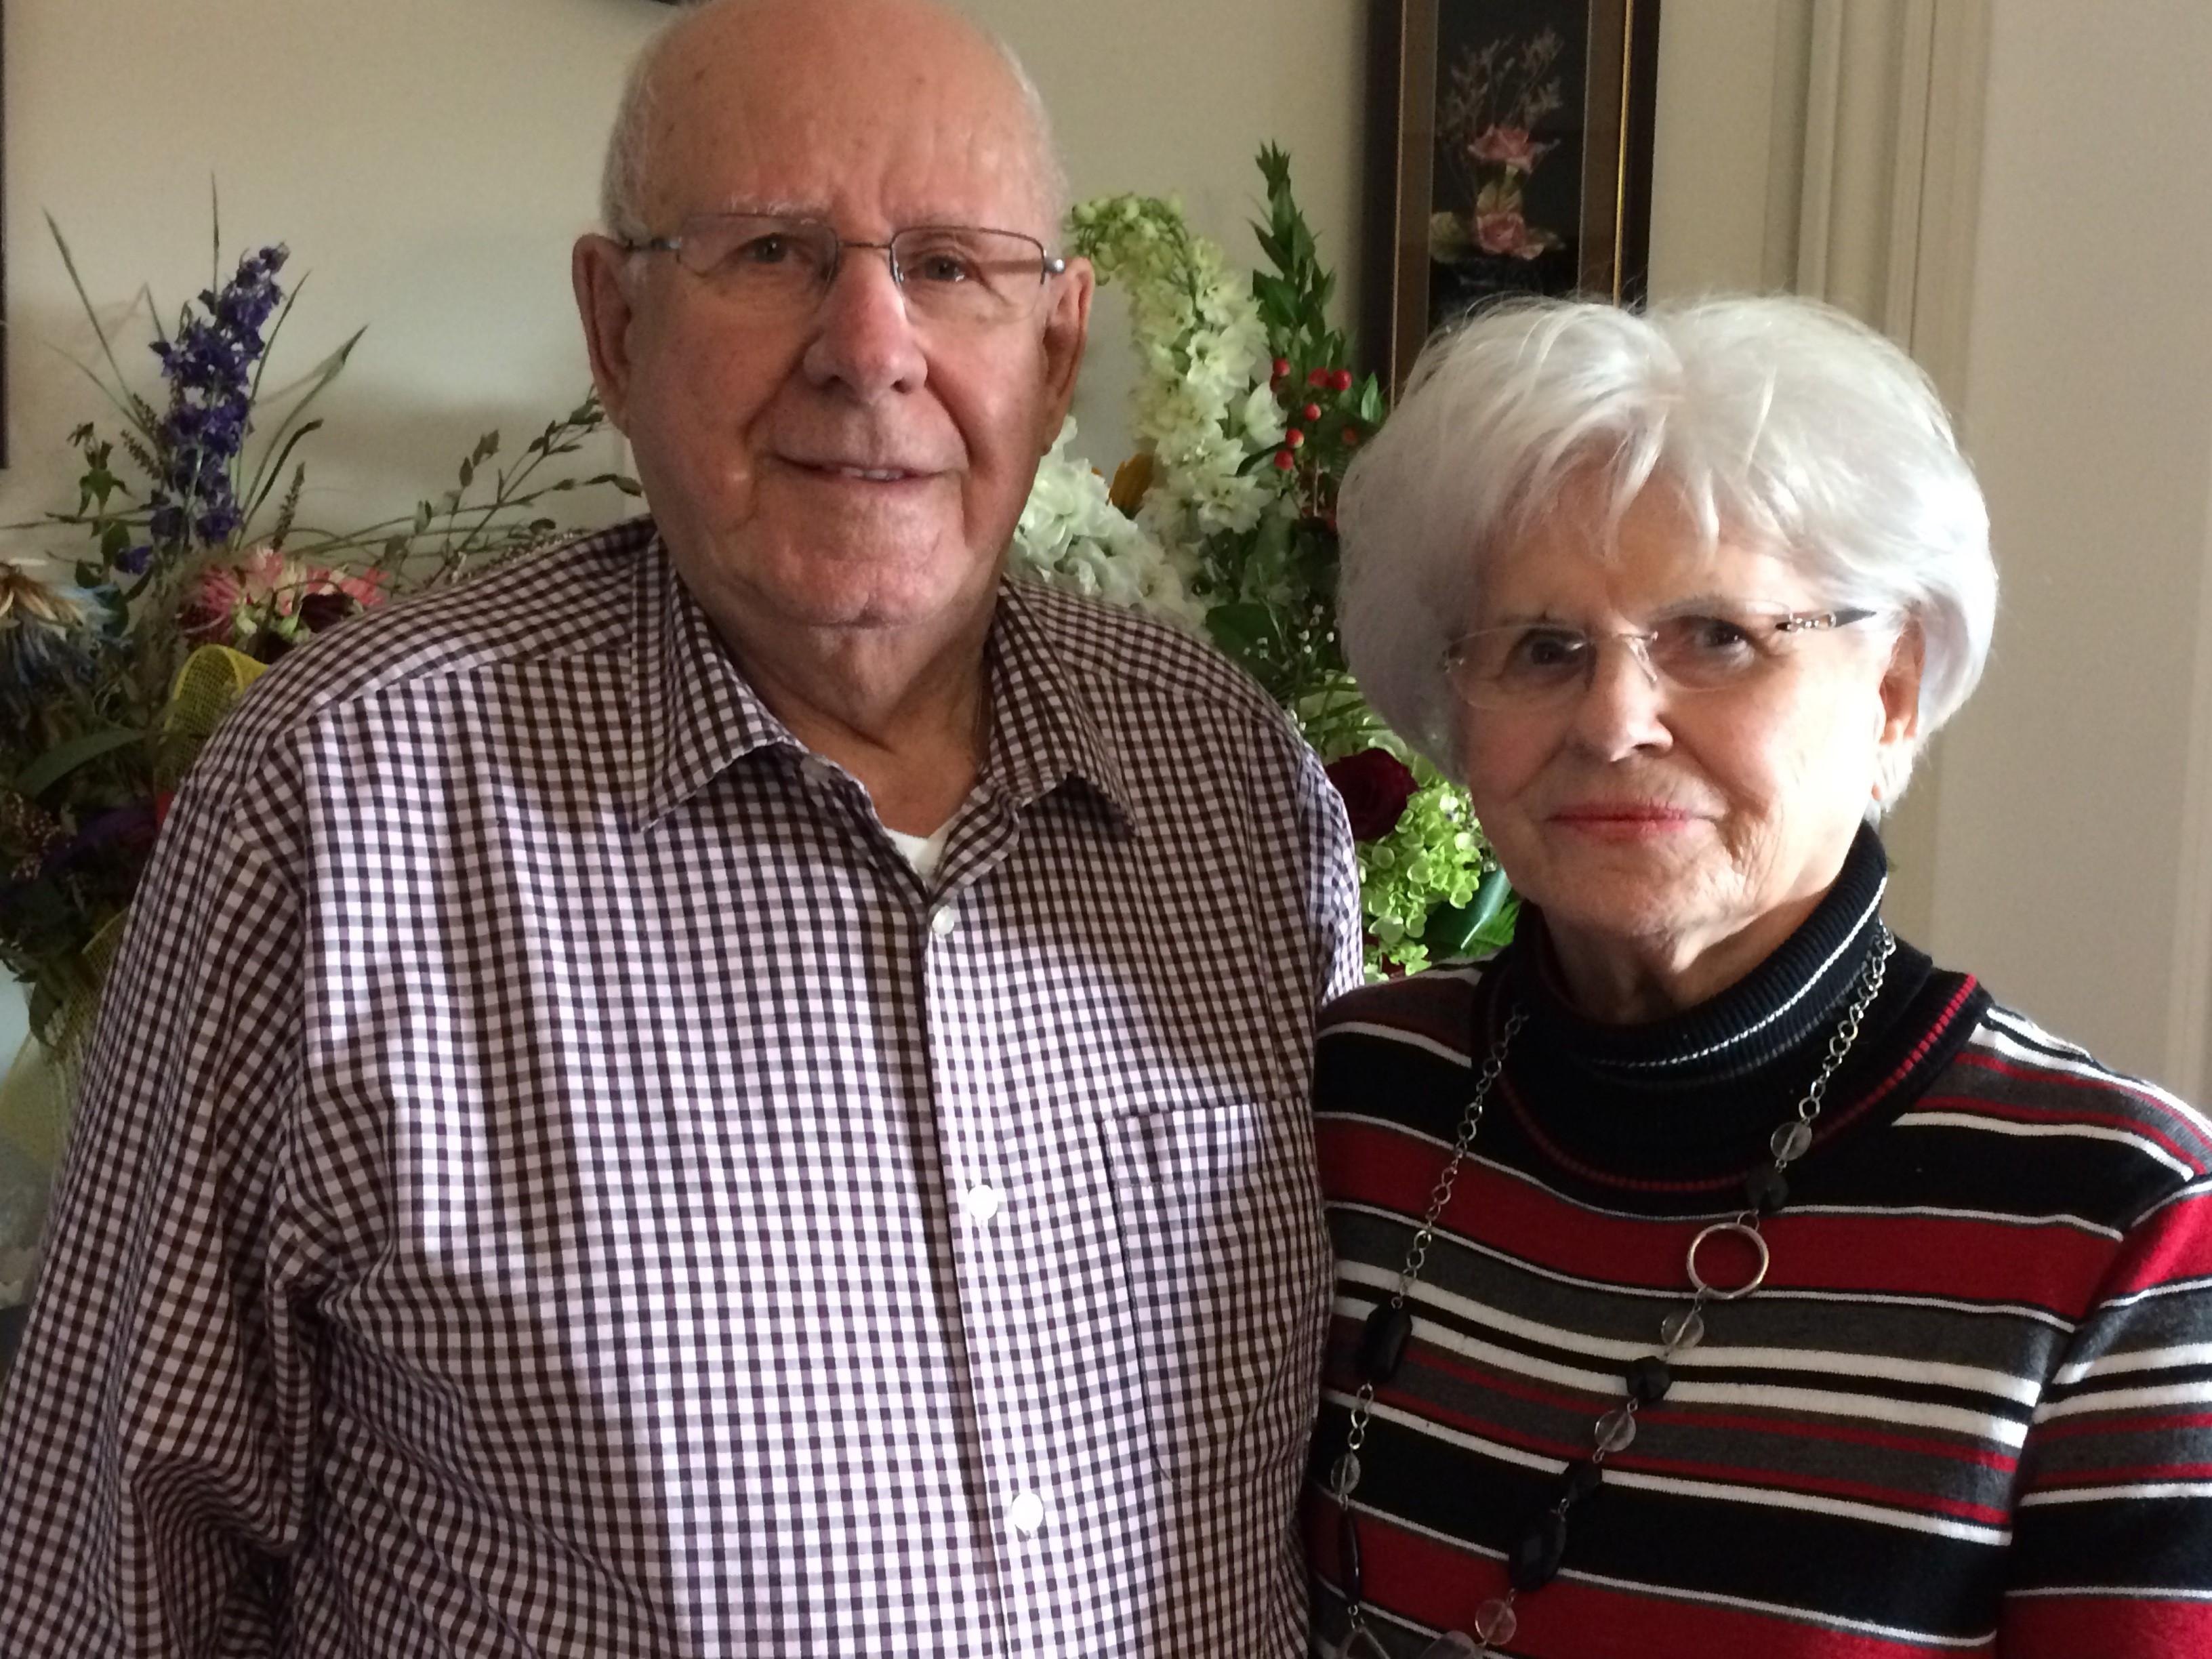 Épouser lhomme de sa vie à 80 ans - Le Lac-St-Jean